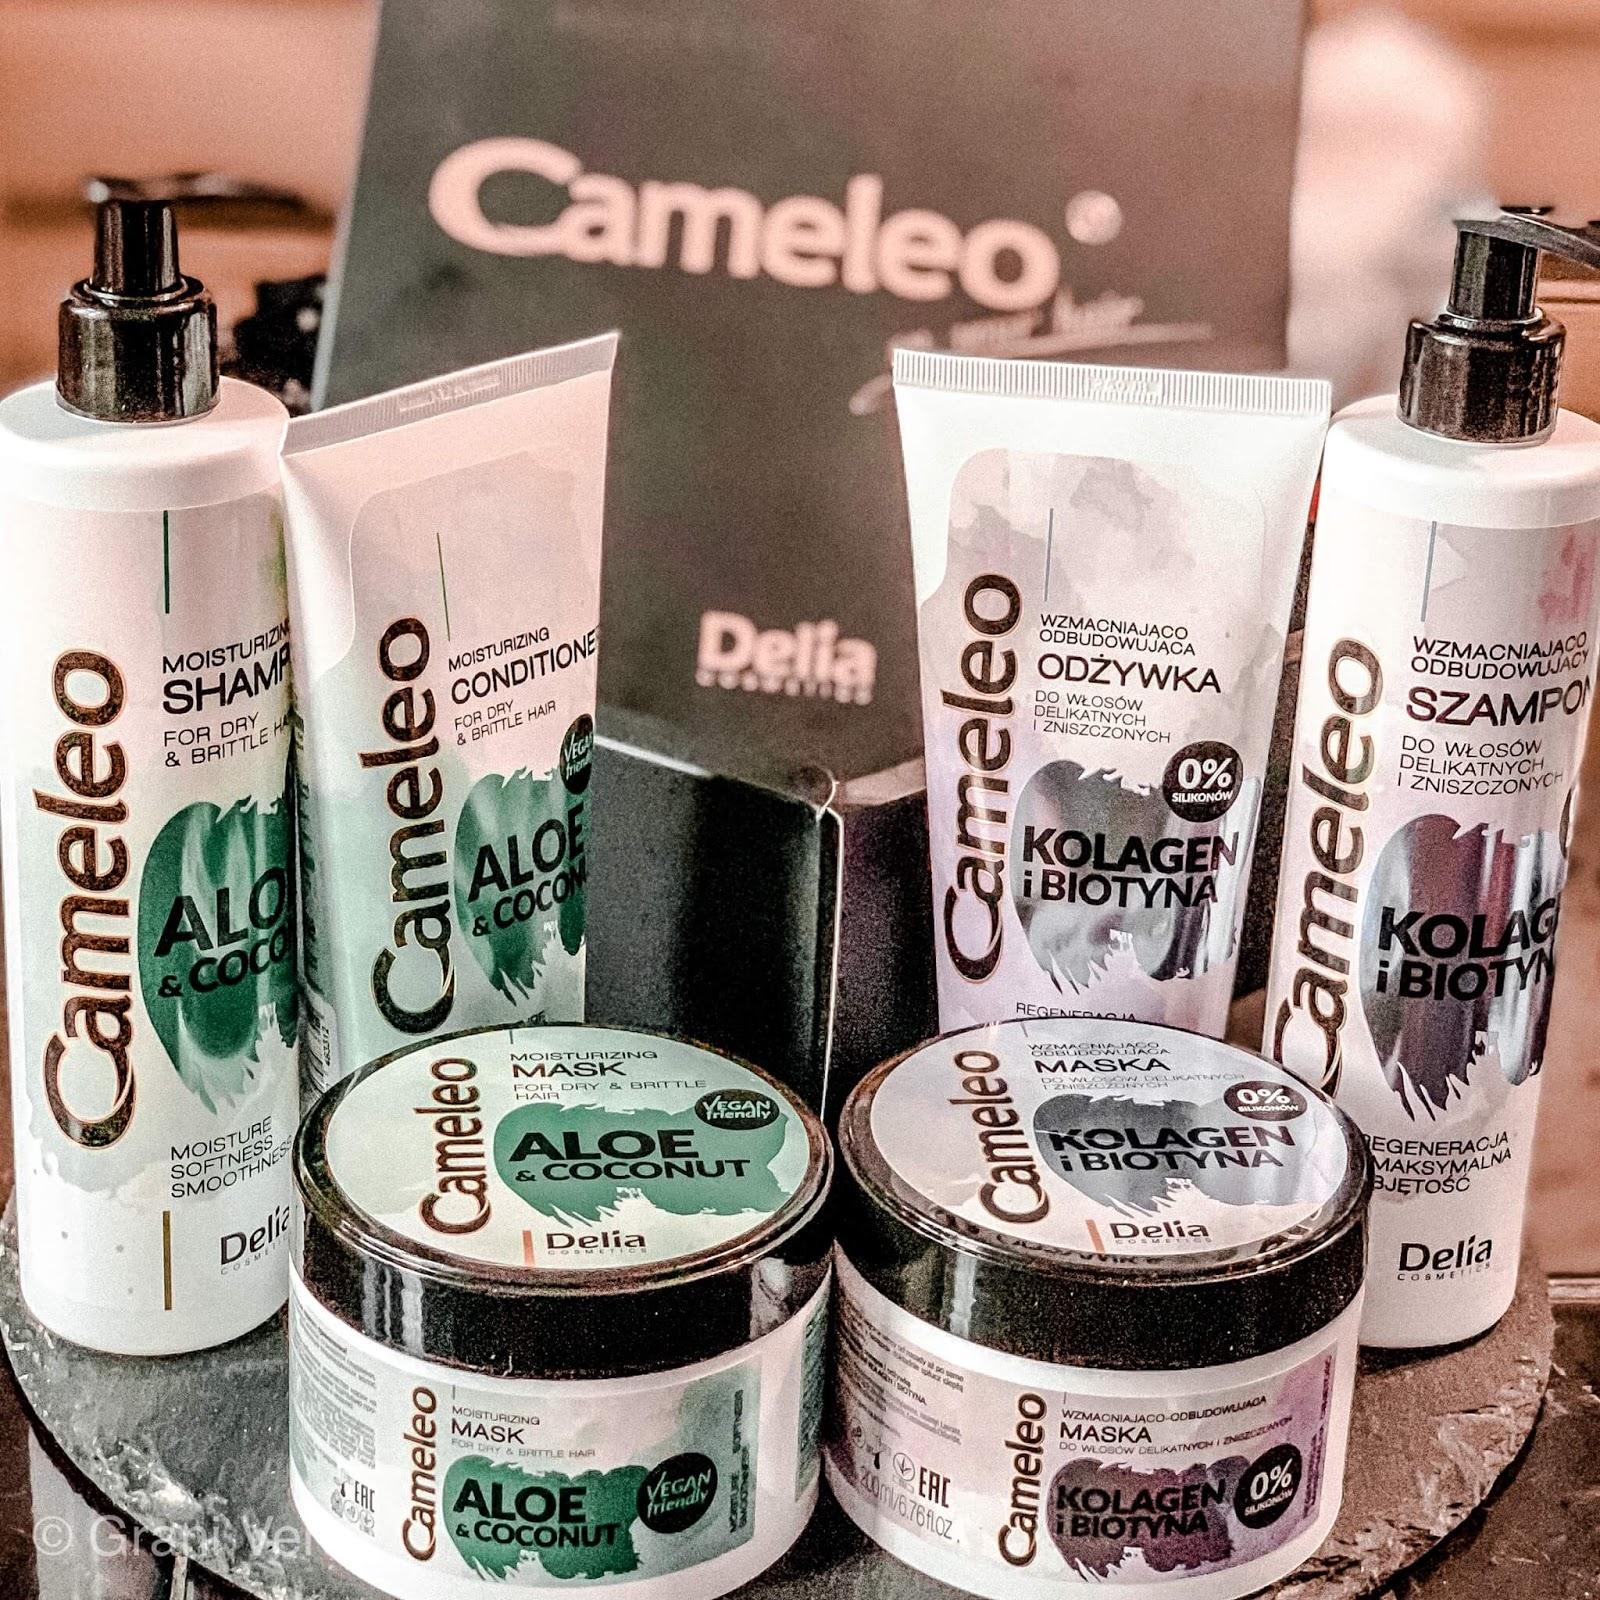 kolagen-Biotyna-Cameleo